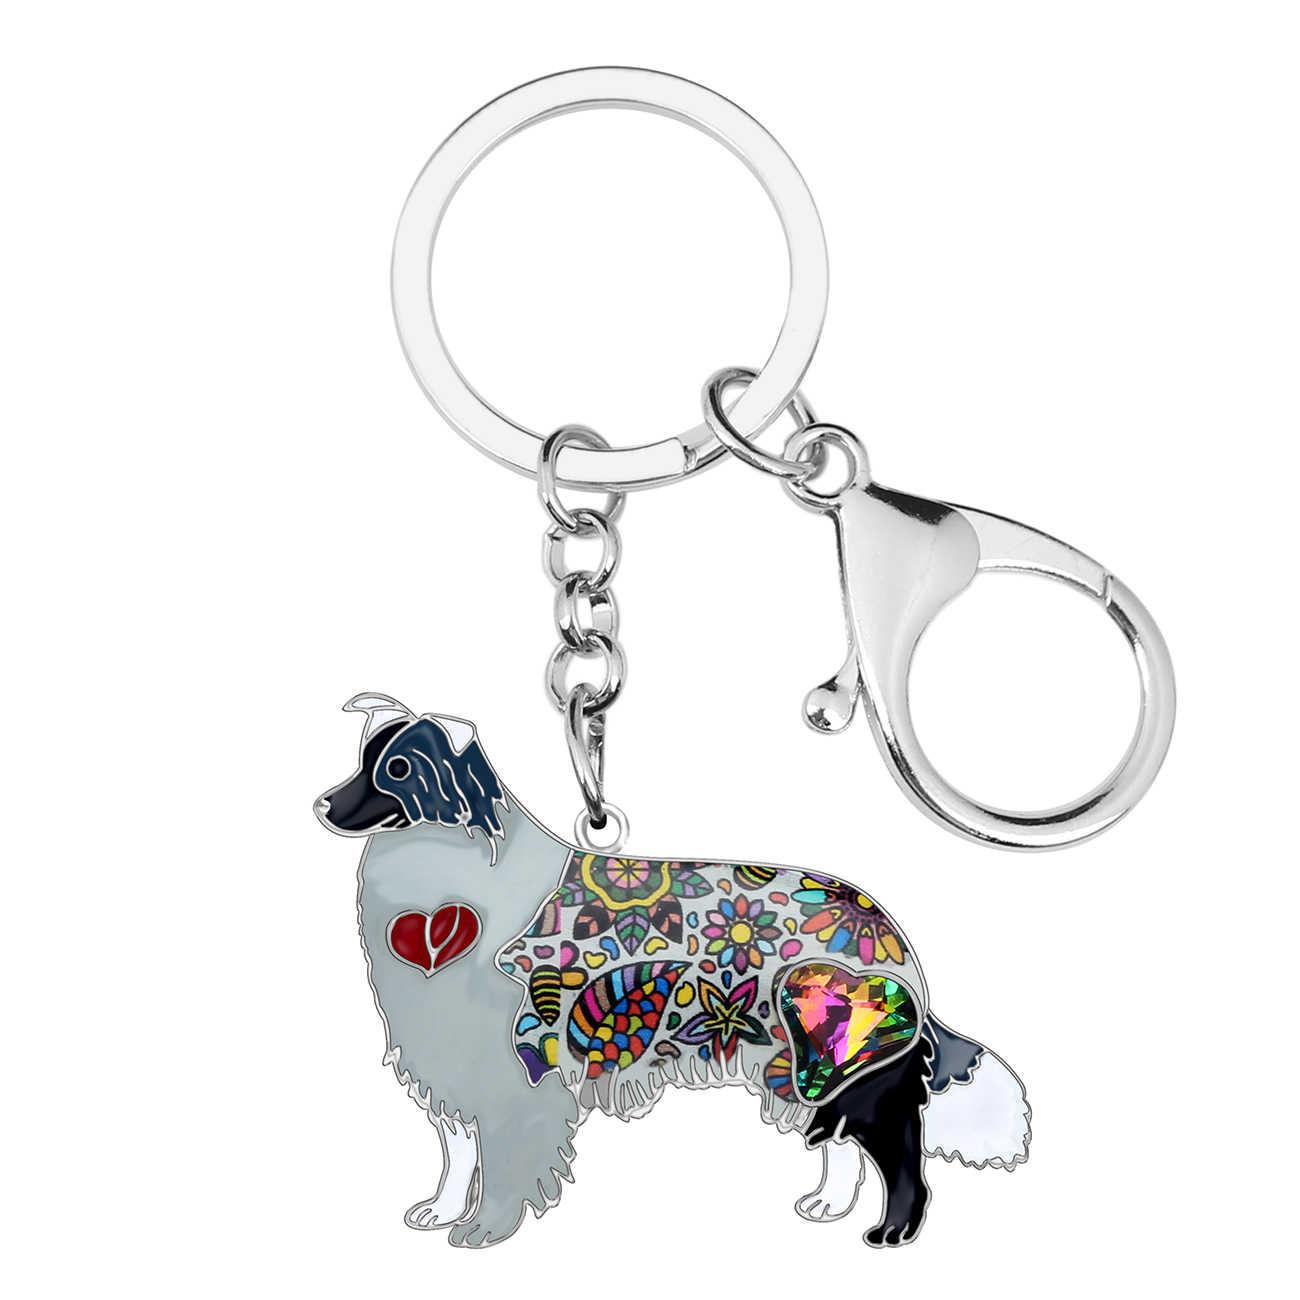 Bonsny de aleación de esmalte de diamantes de imitación frontera Collie perro clave cadenas titular de llavero Animal joyería para mujeres niñas bolso encantos regalo